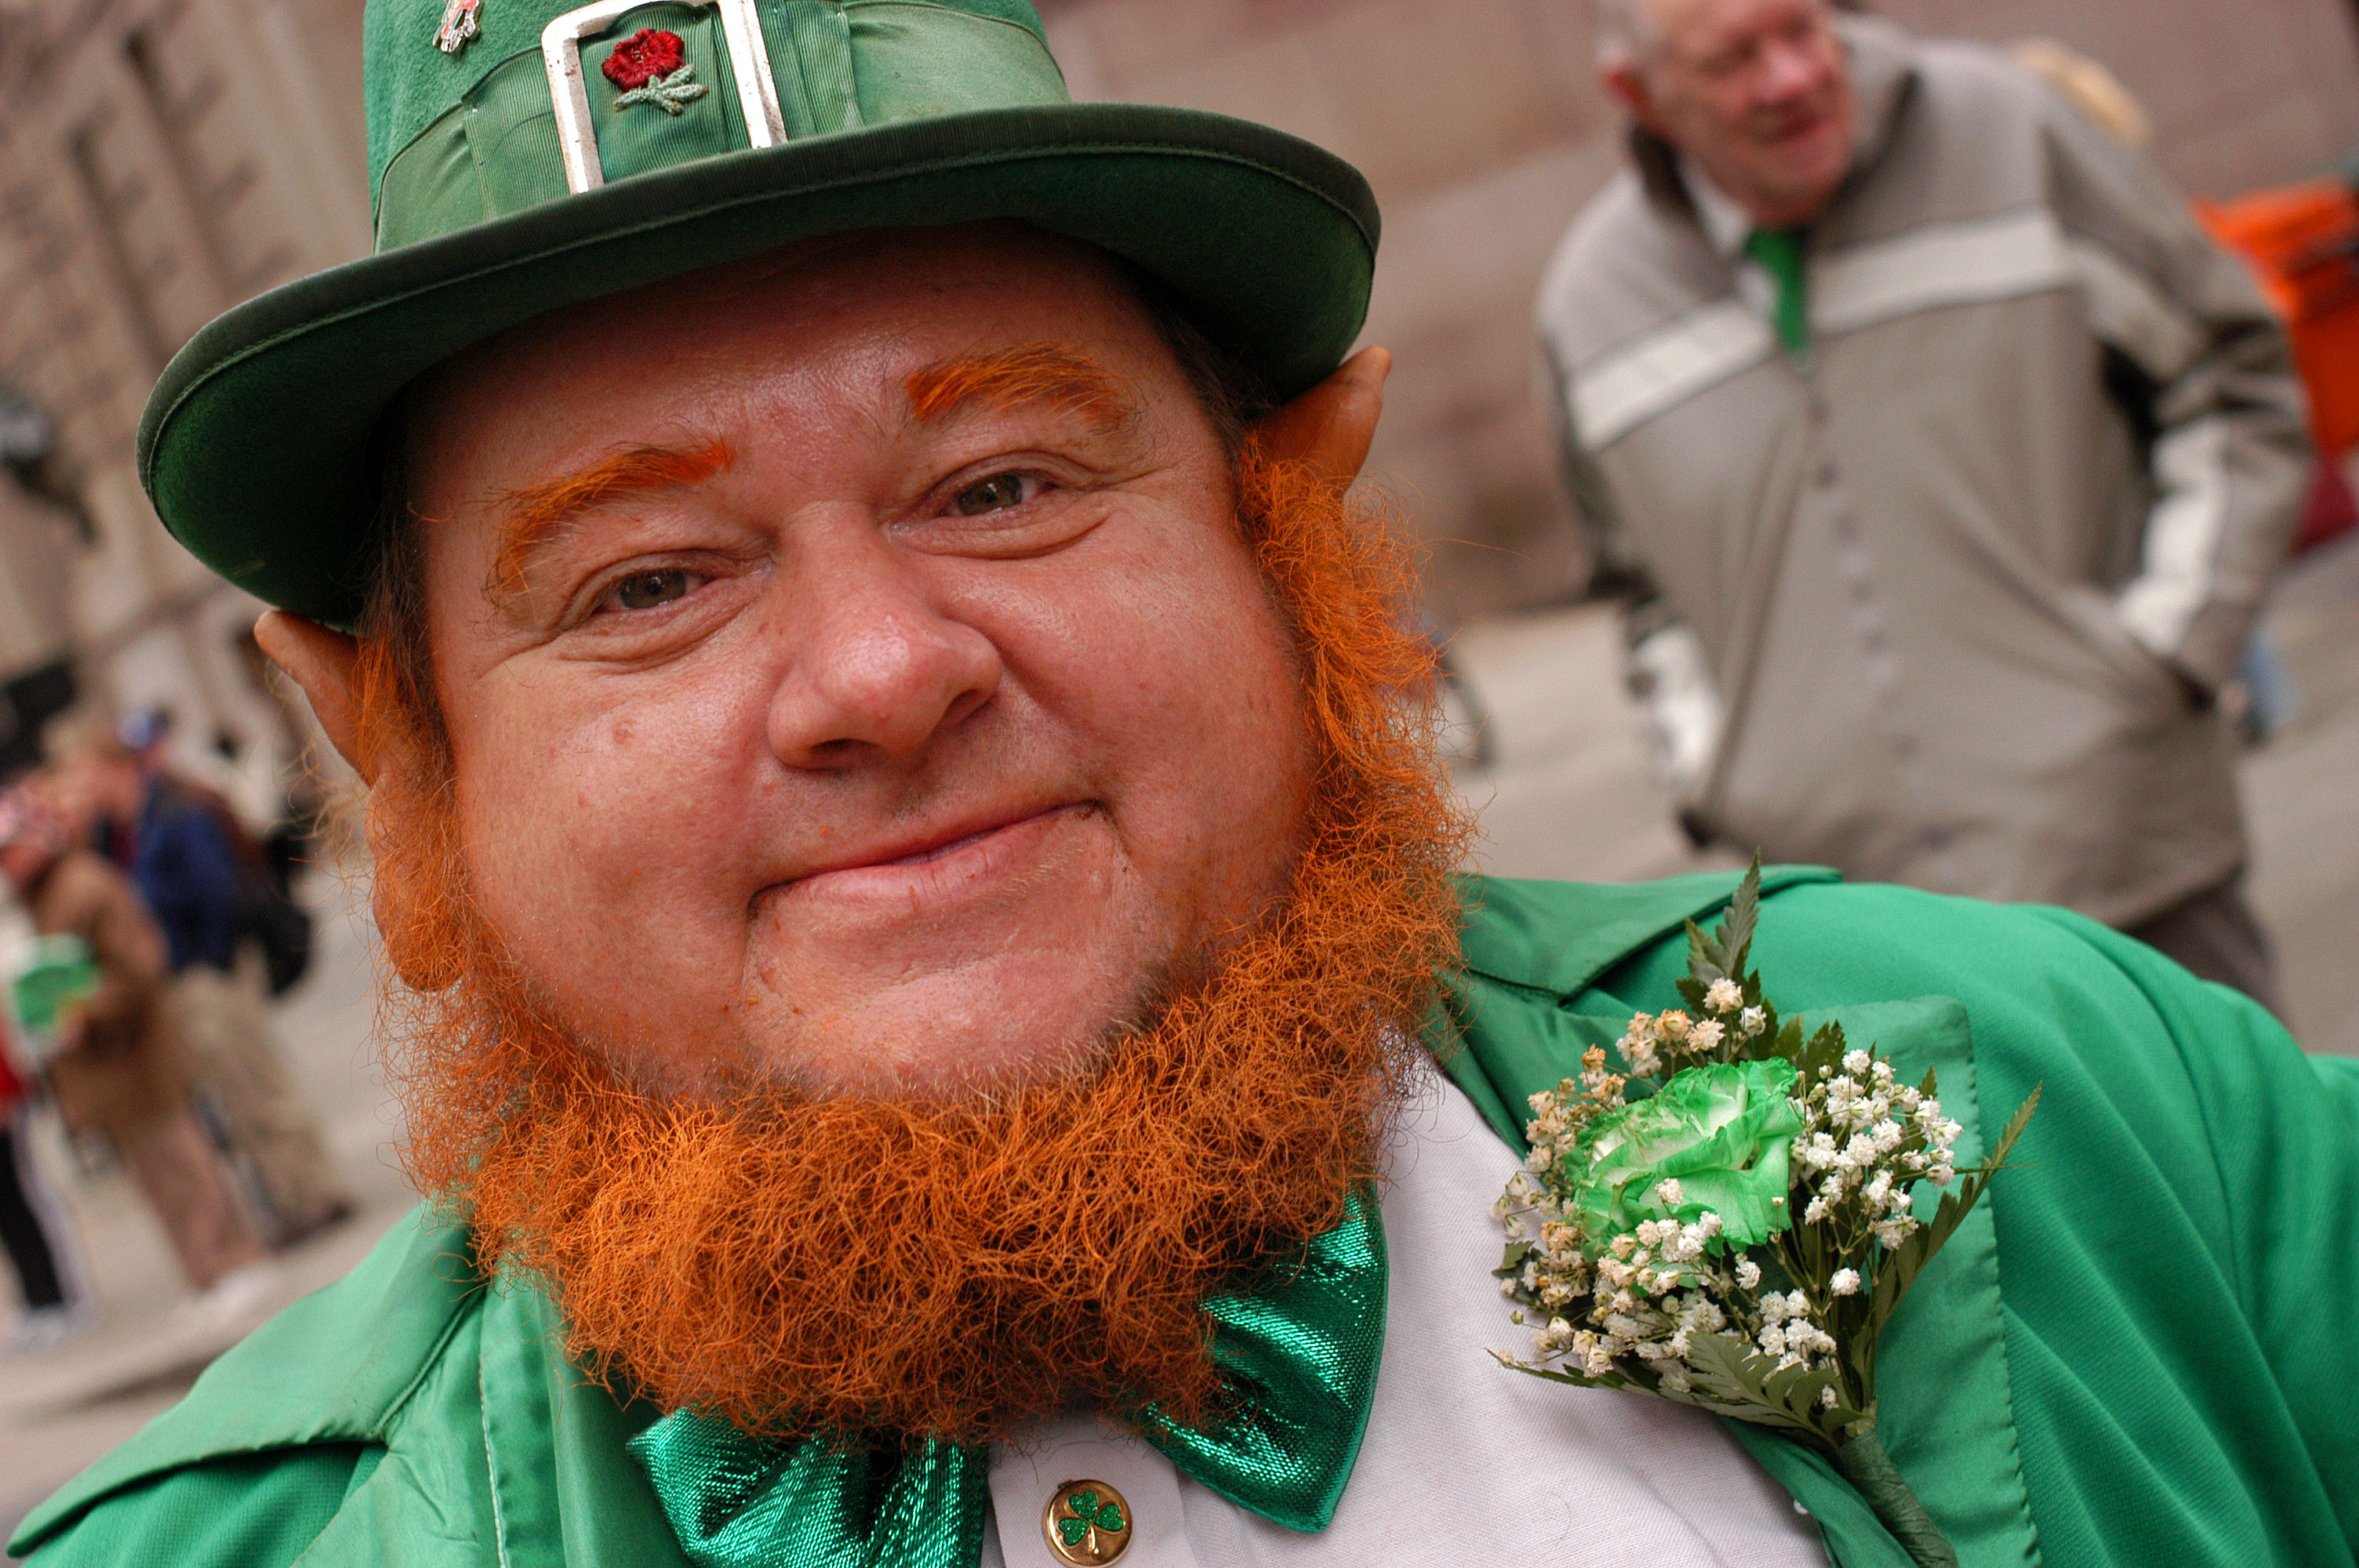 irlandskie-muzhchini-foto